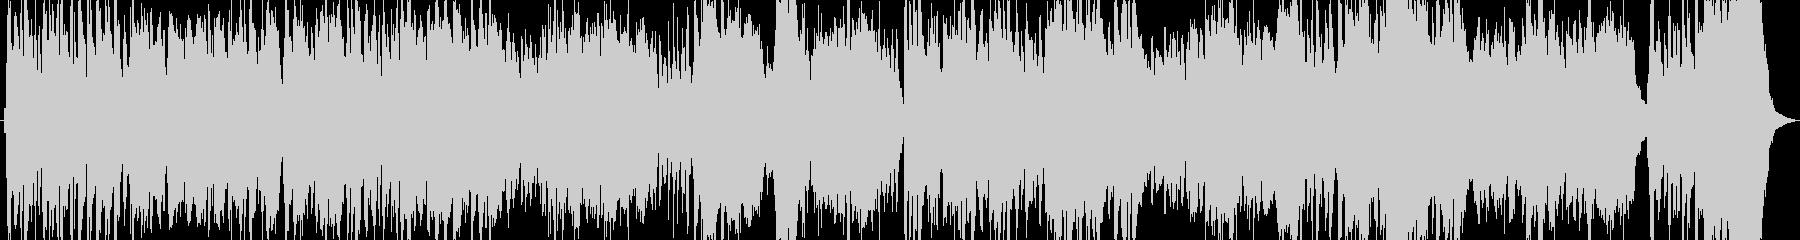 バロック調の雰囲気の豪華絢爛なBGMの未再生の波形